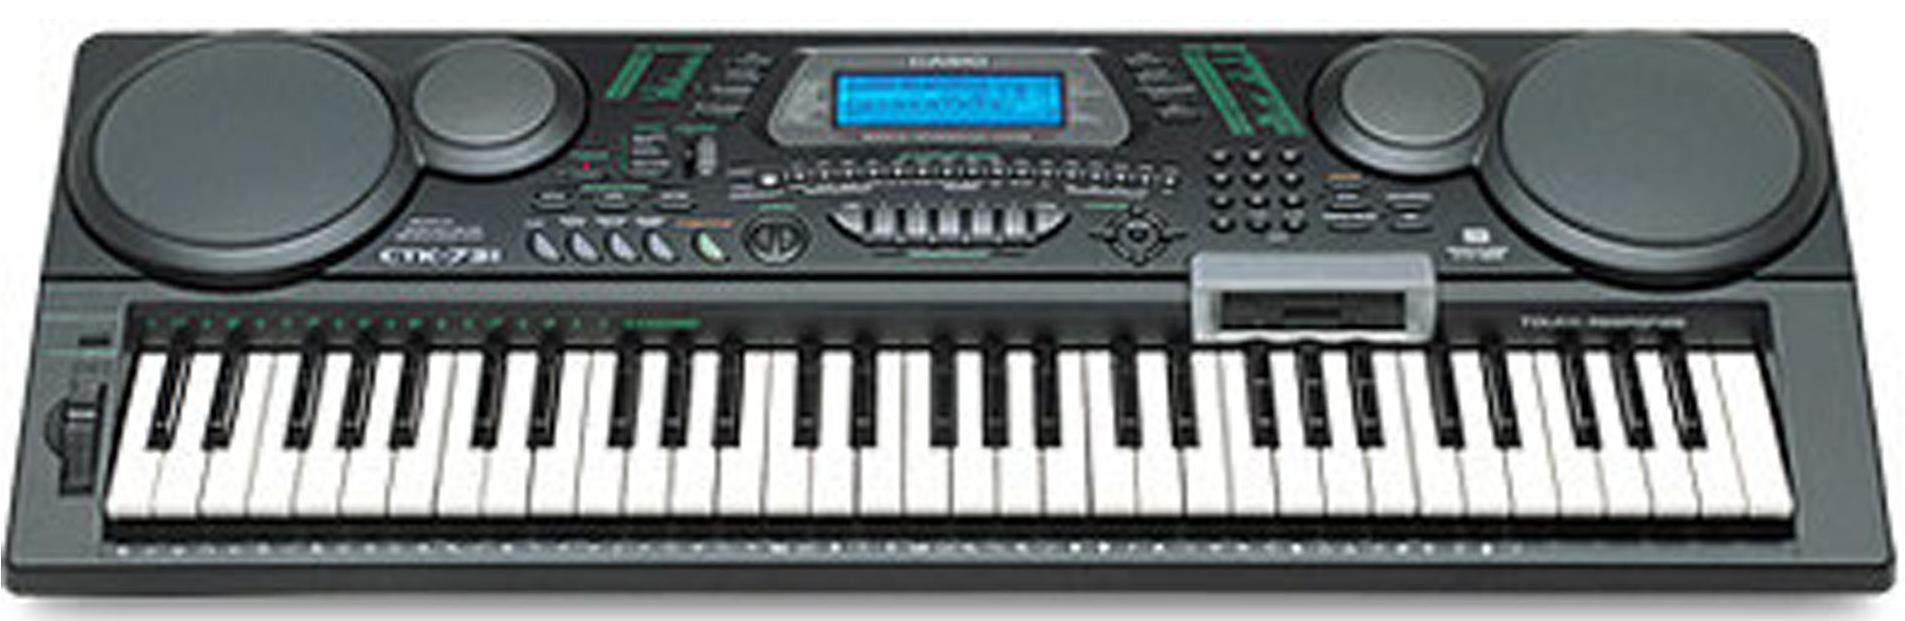 Đàn organ Casio CTK-731 Cũ